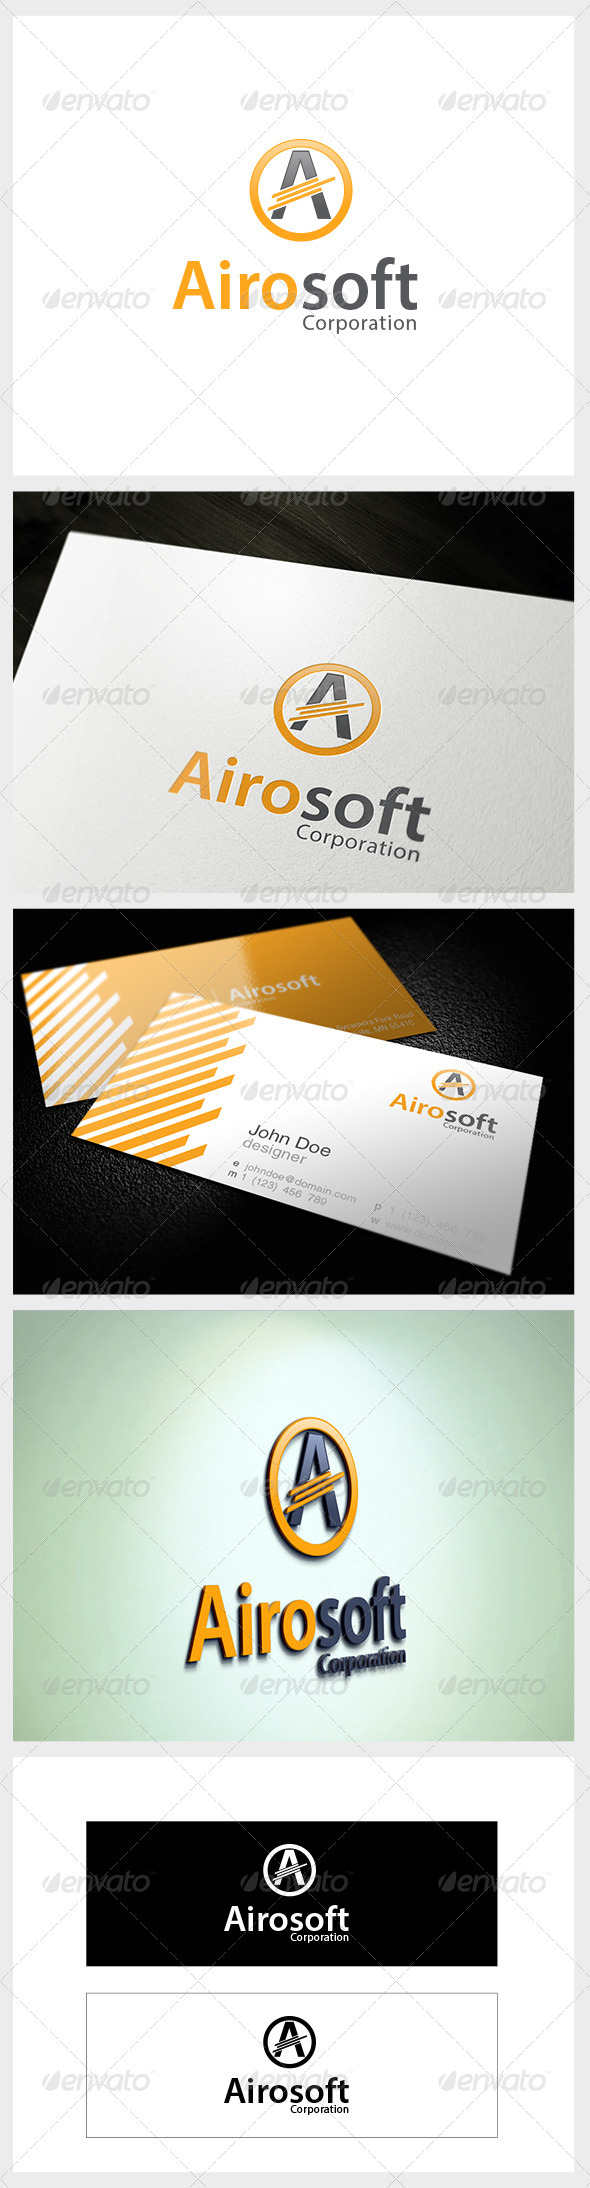 GraphicRiver Airosoft Corporation logo 3724673